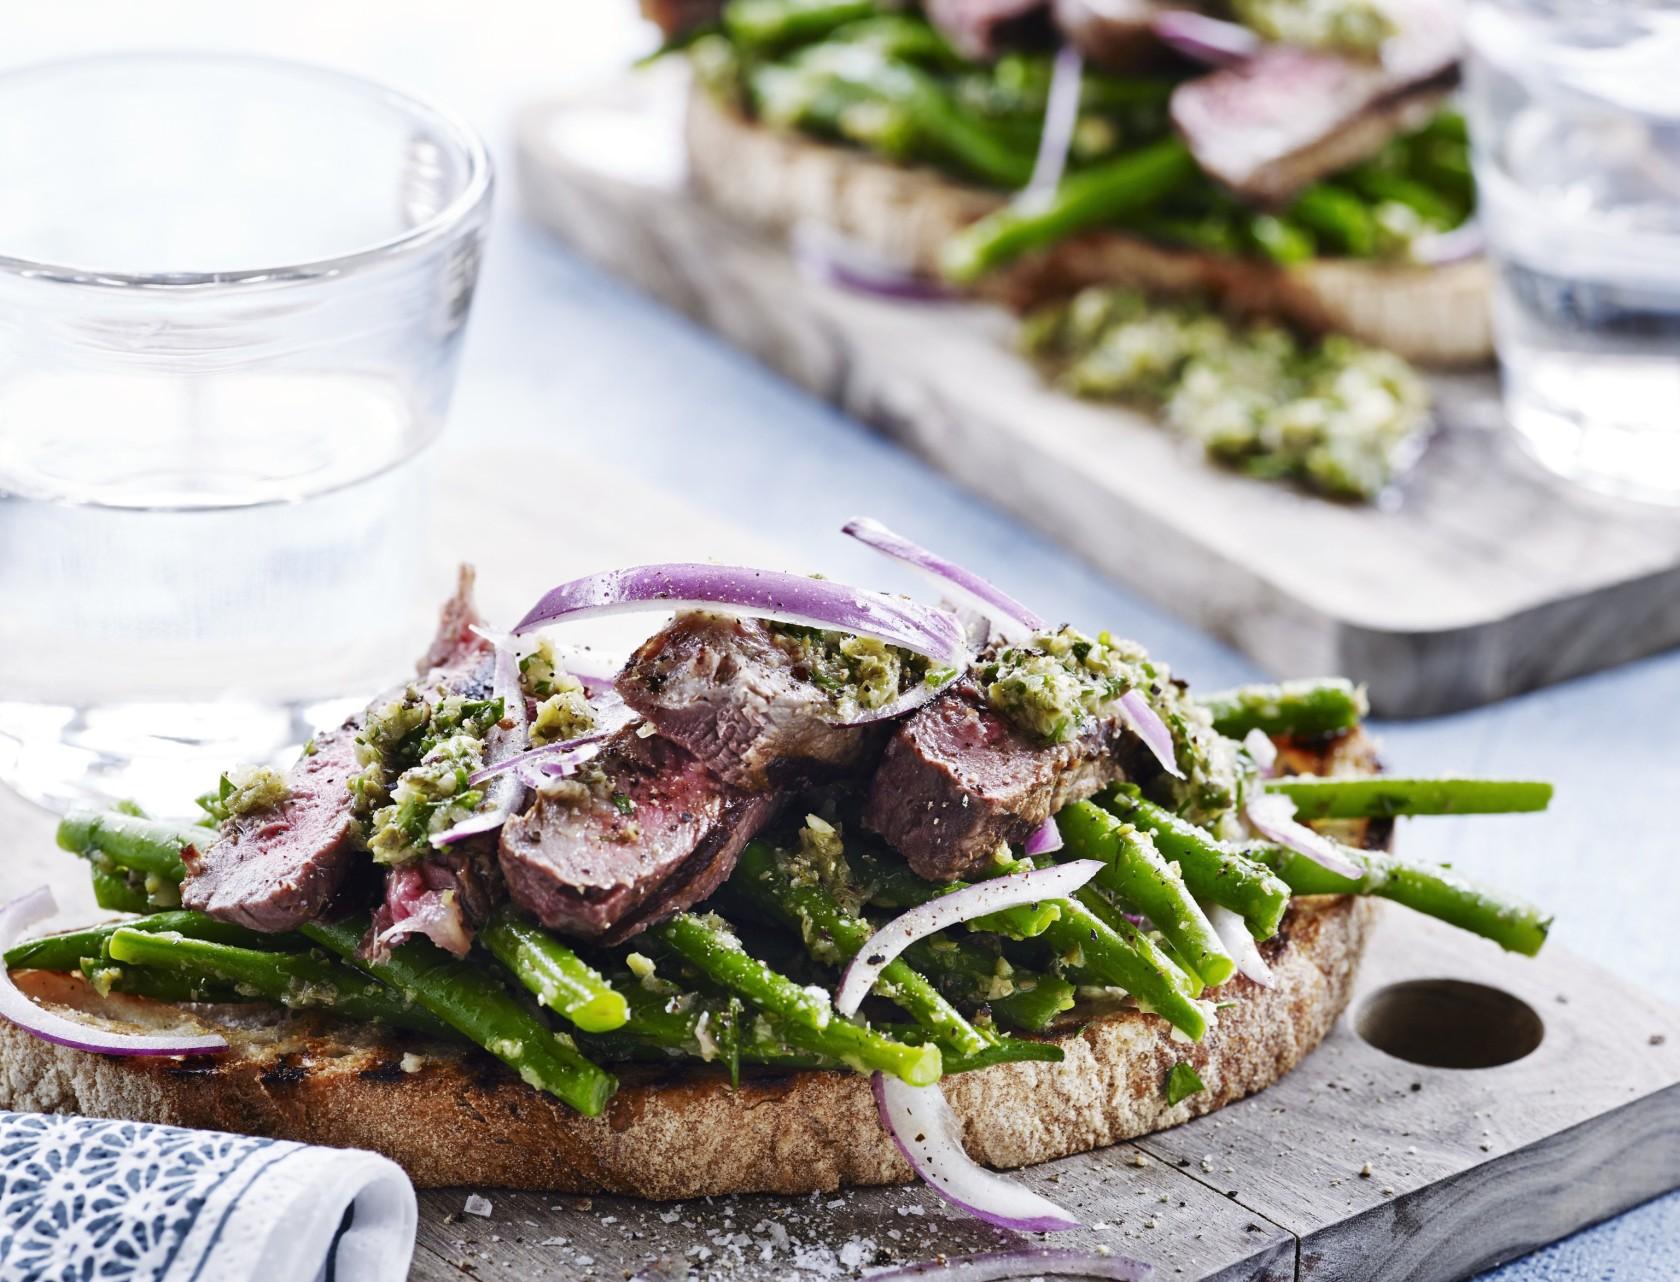 Ristet brød med steak, bønner og salsa verde